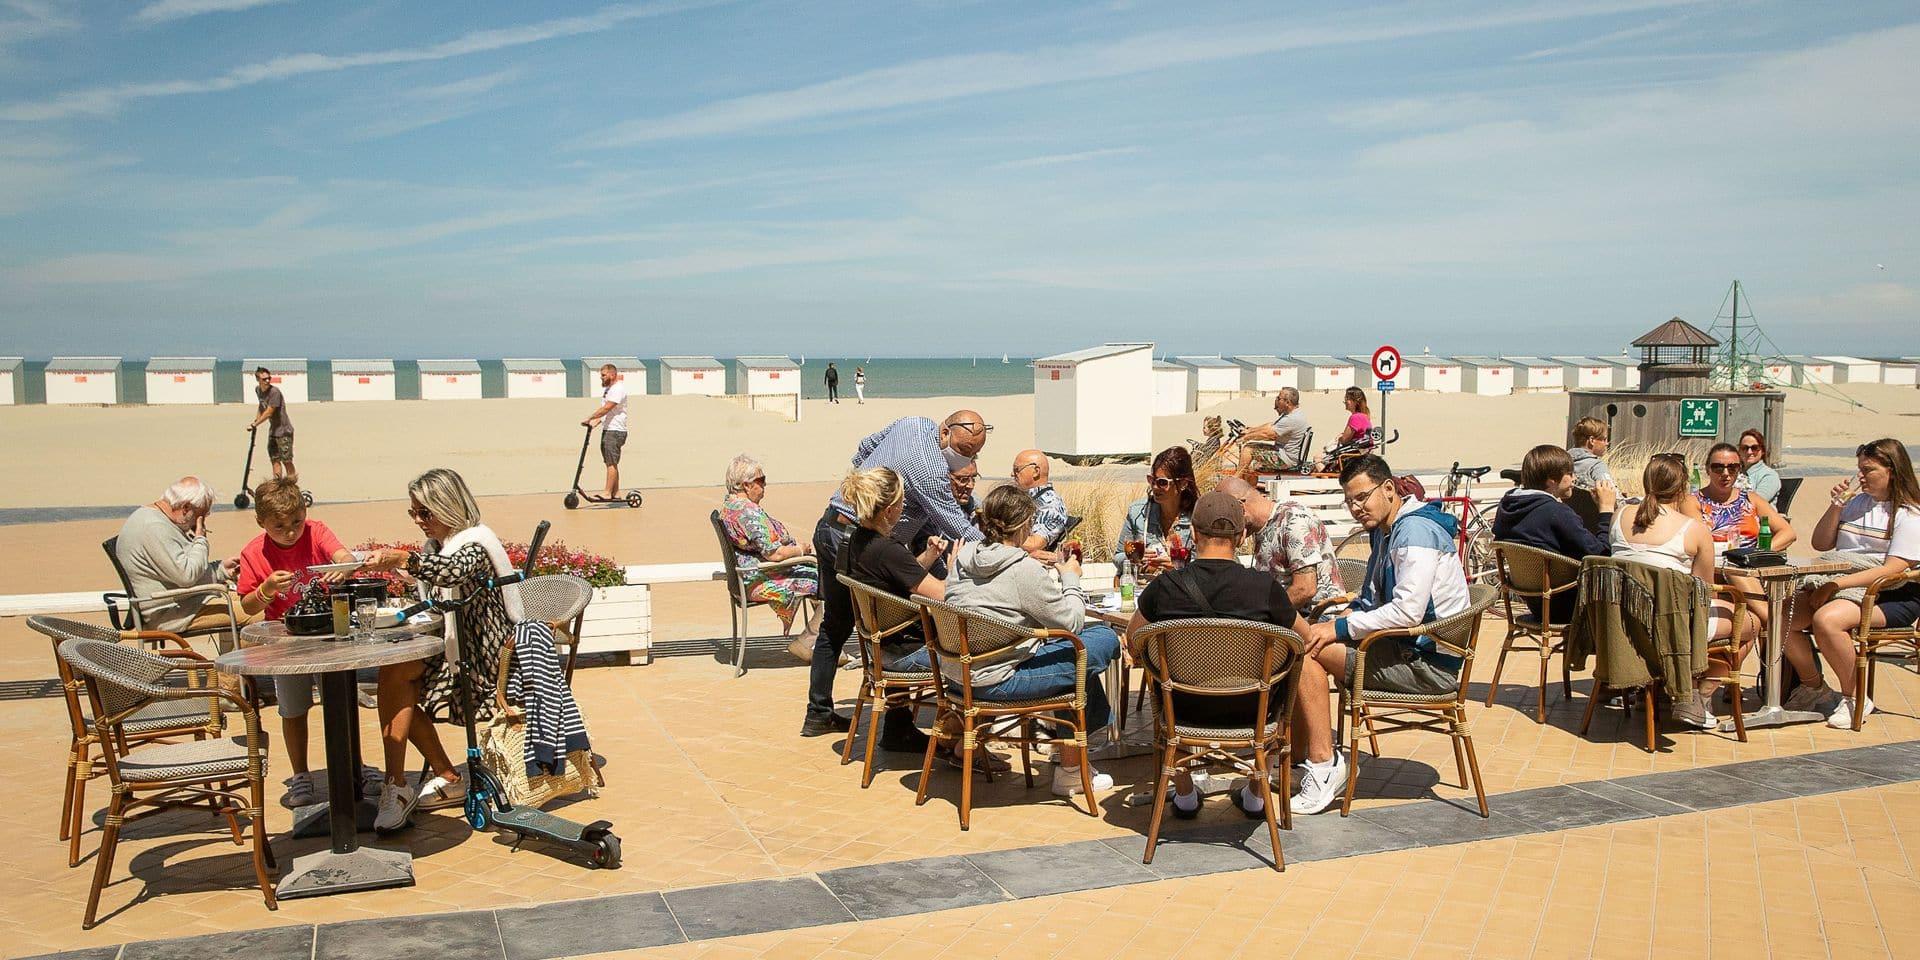 Les restaurateurs vont-ils pouvoir ouvrir leurs terrasses?